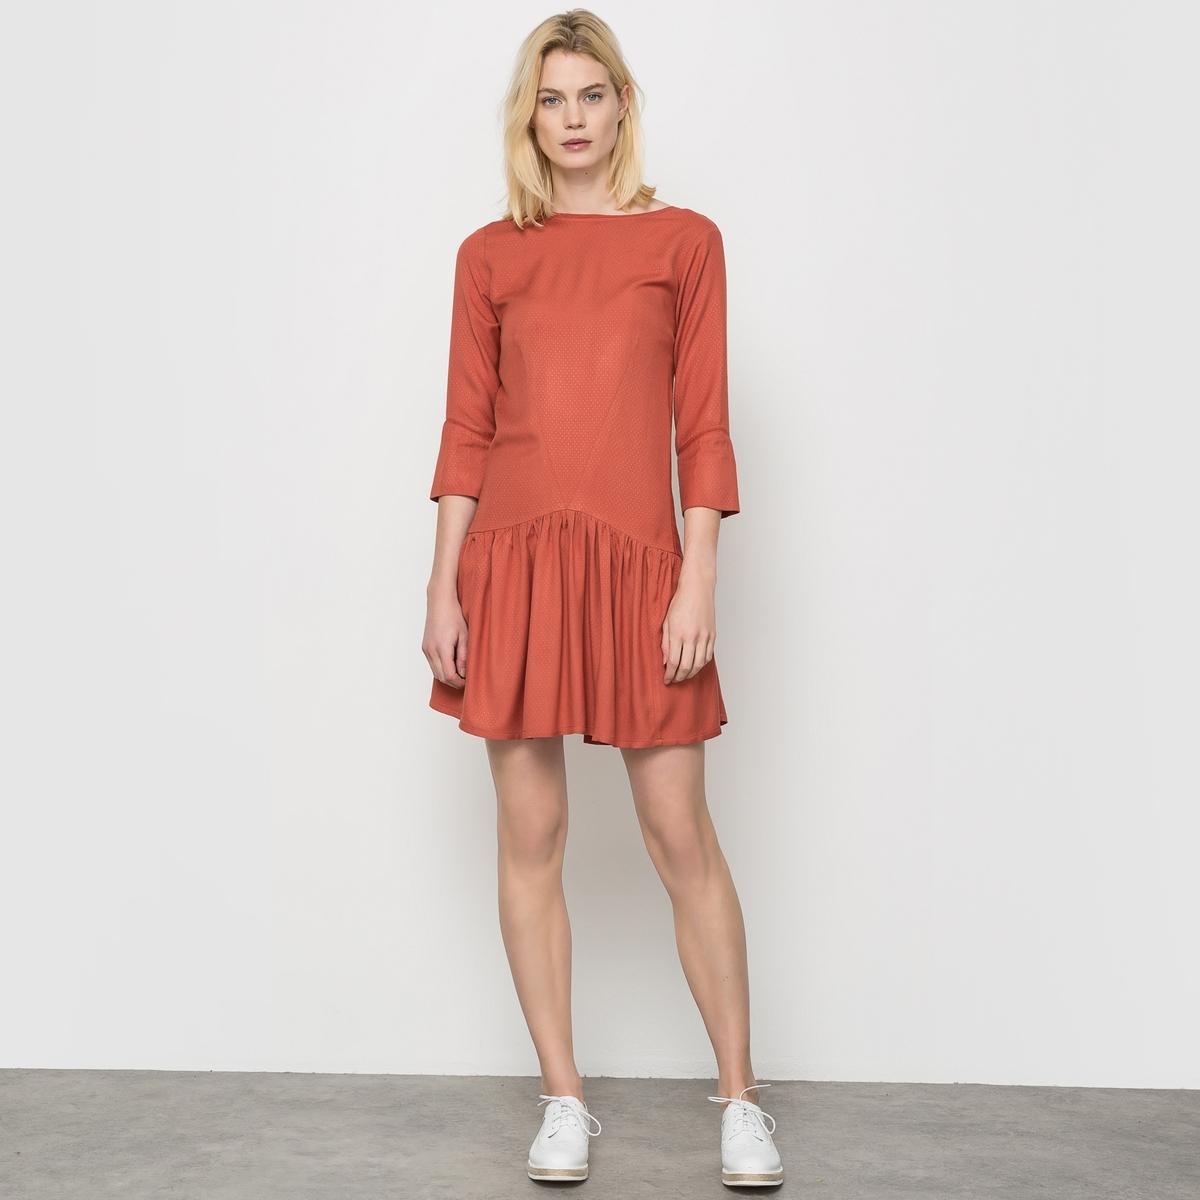 Платье с рукавами 3/4 и V-образным вырезом сзадиПлатье 100% вискоза. Вырез-лодочка. Длинные рукава. Глубокий V-образный вырез сзади. Заниженная талия. Кружевные узоры. Длина 90 см.<br><br>Цвет: розовый<br>Размер: 46 (FR) - 52 (RUS)